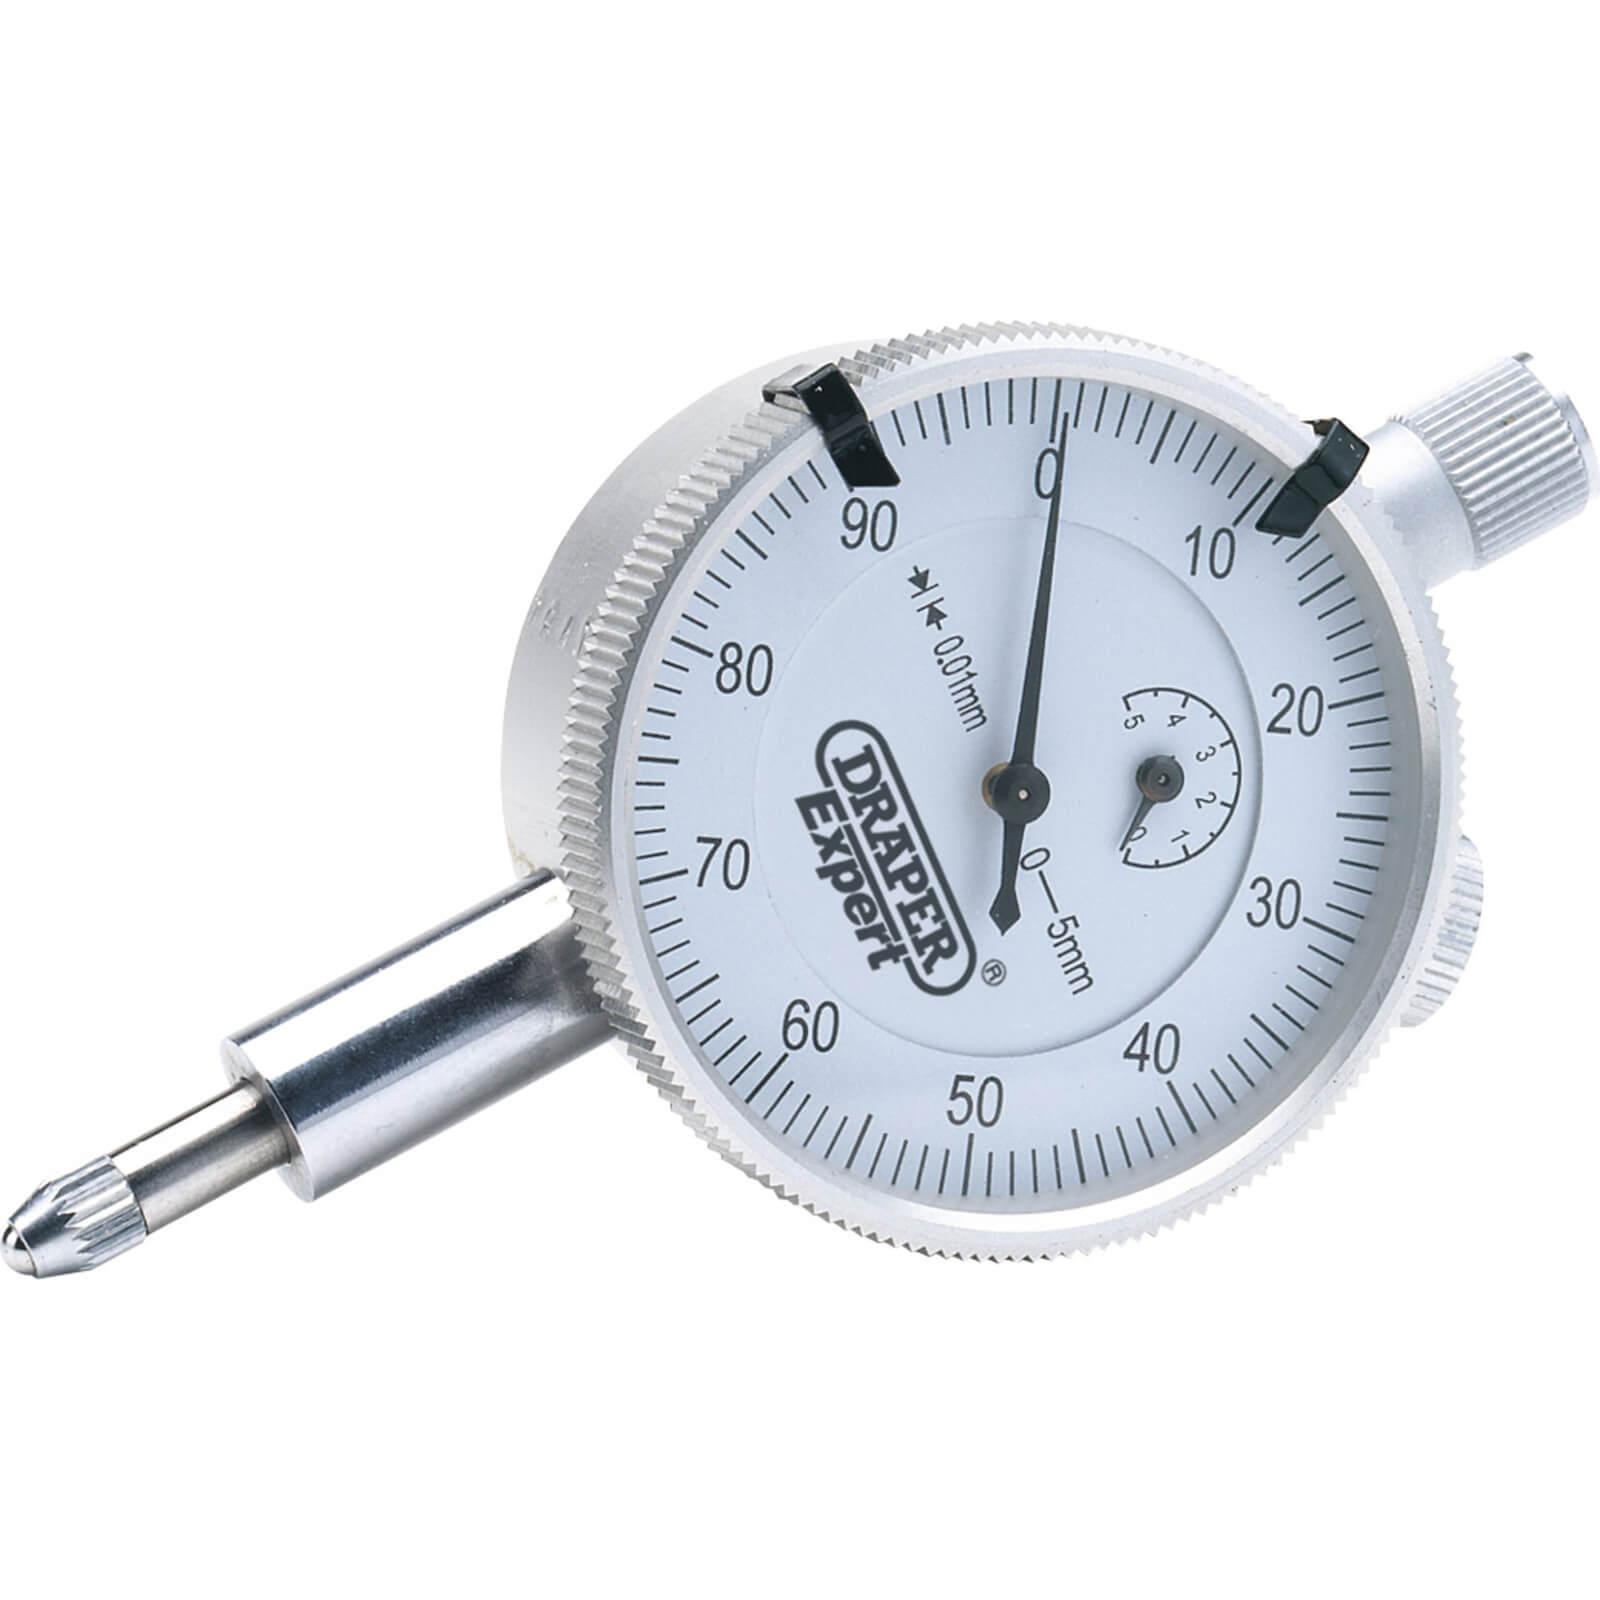 Image of Draper PDG05M Metric Dial Indicator